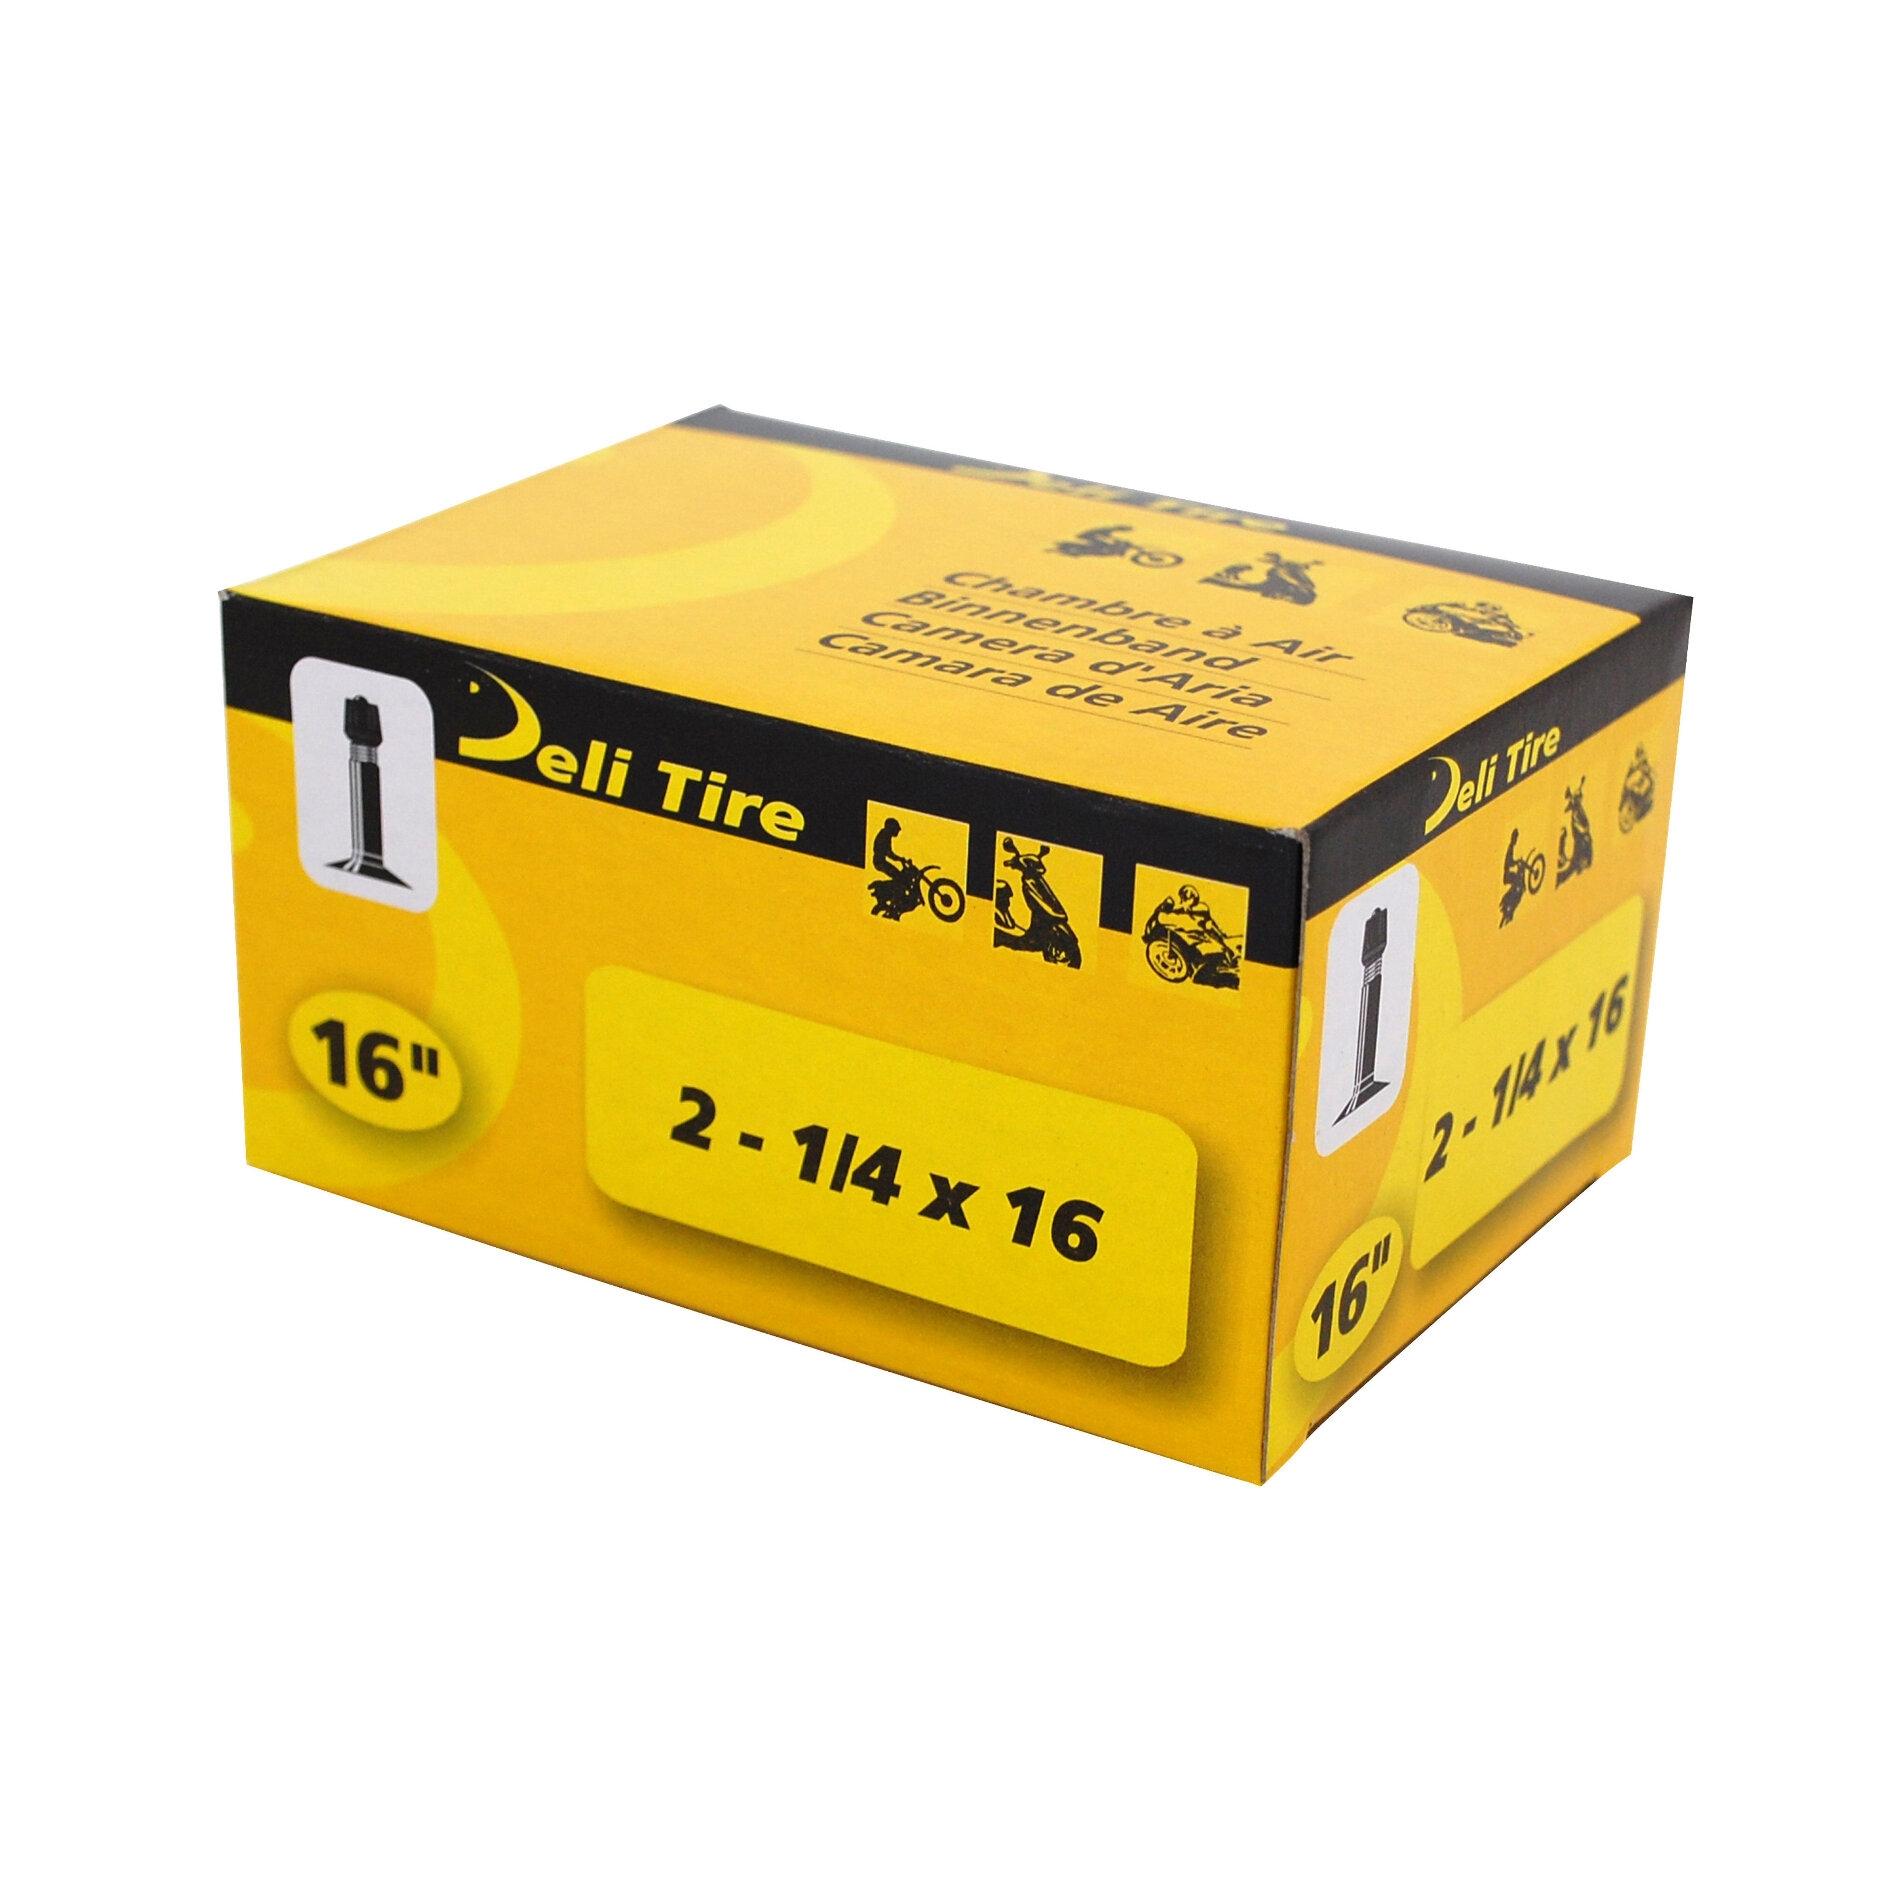 Chambre à Air 16 2 1/4x16 Vs Deli valve Droite